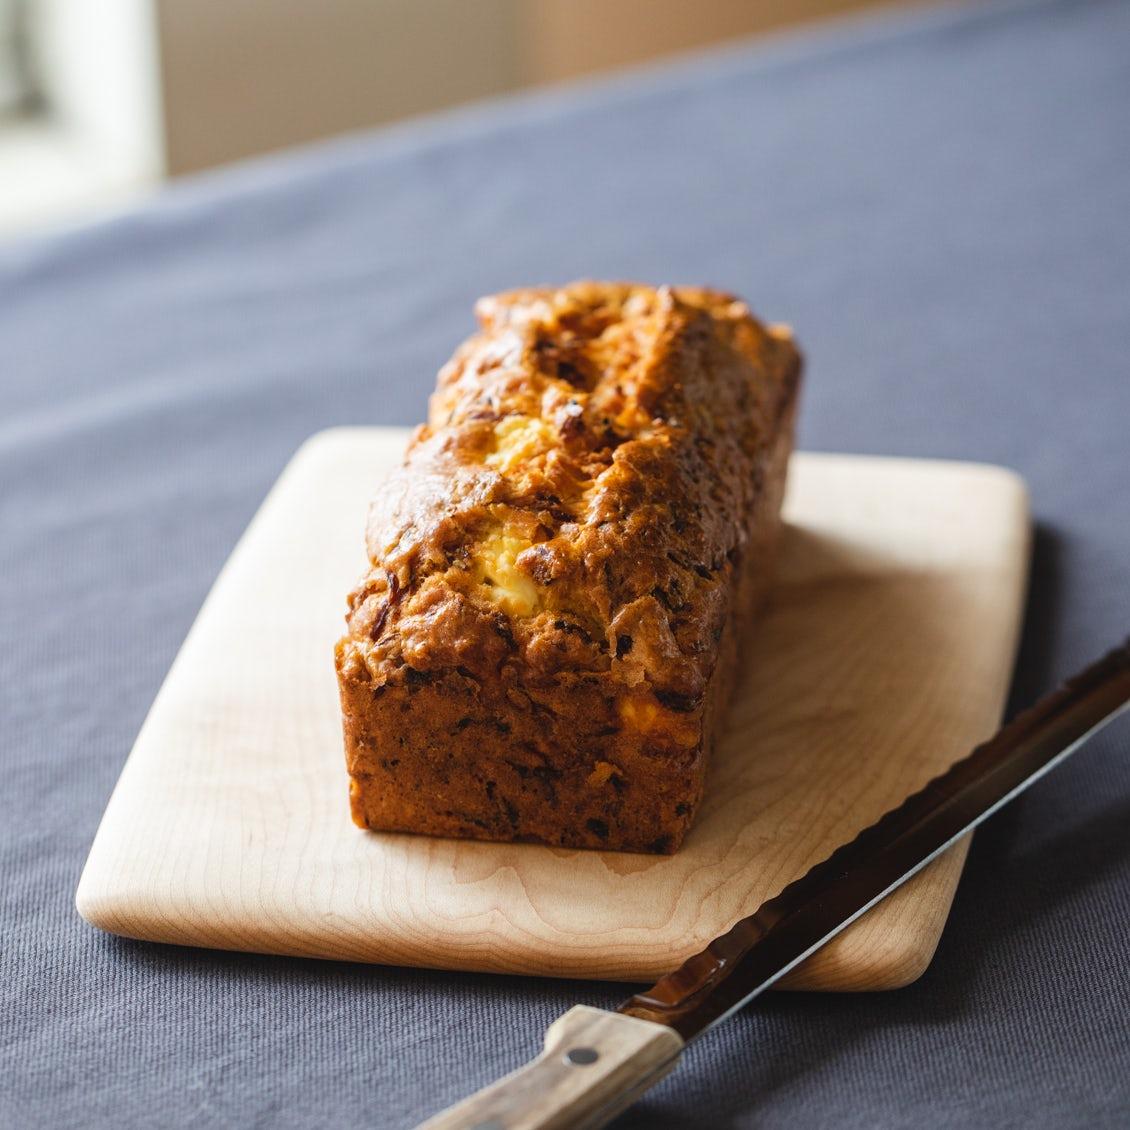 【野菜すきになあれ】第3話:たまねぎの旨みがギュッ! パウンドケーキのレシピ